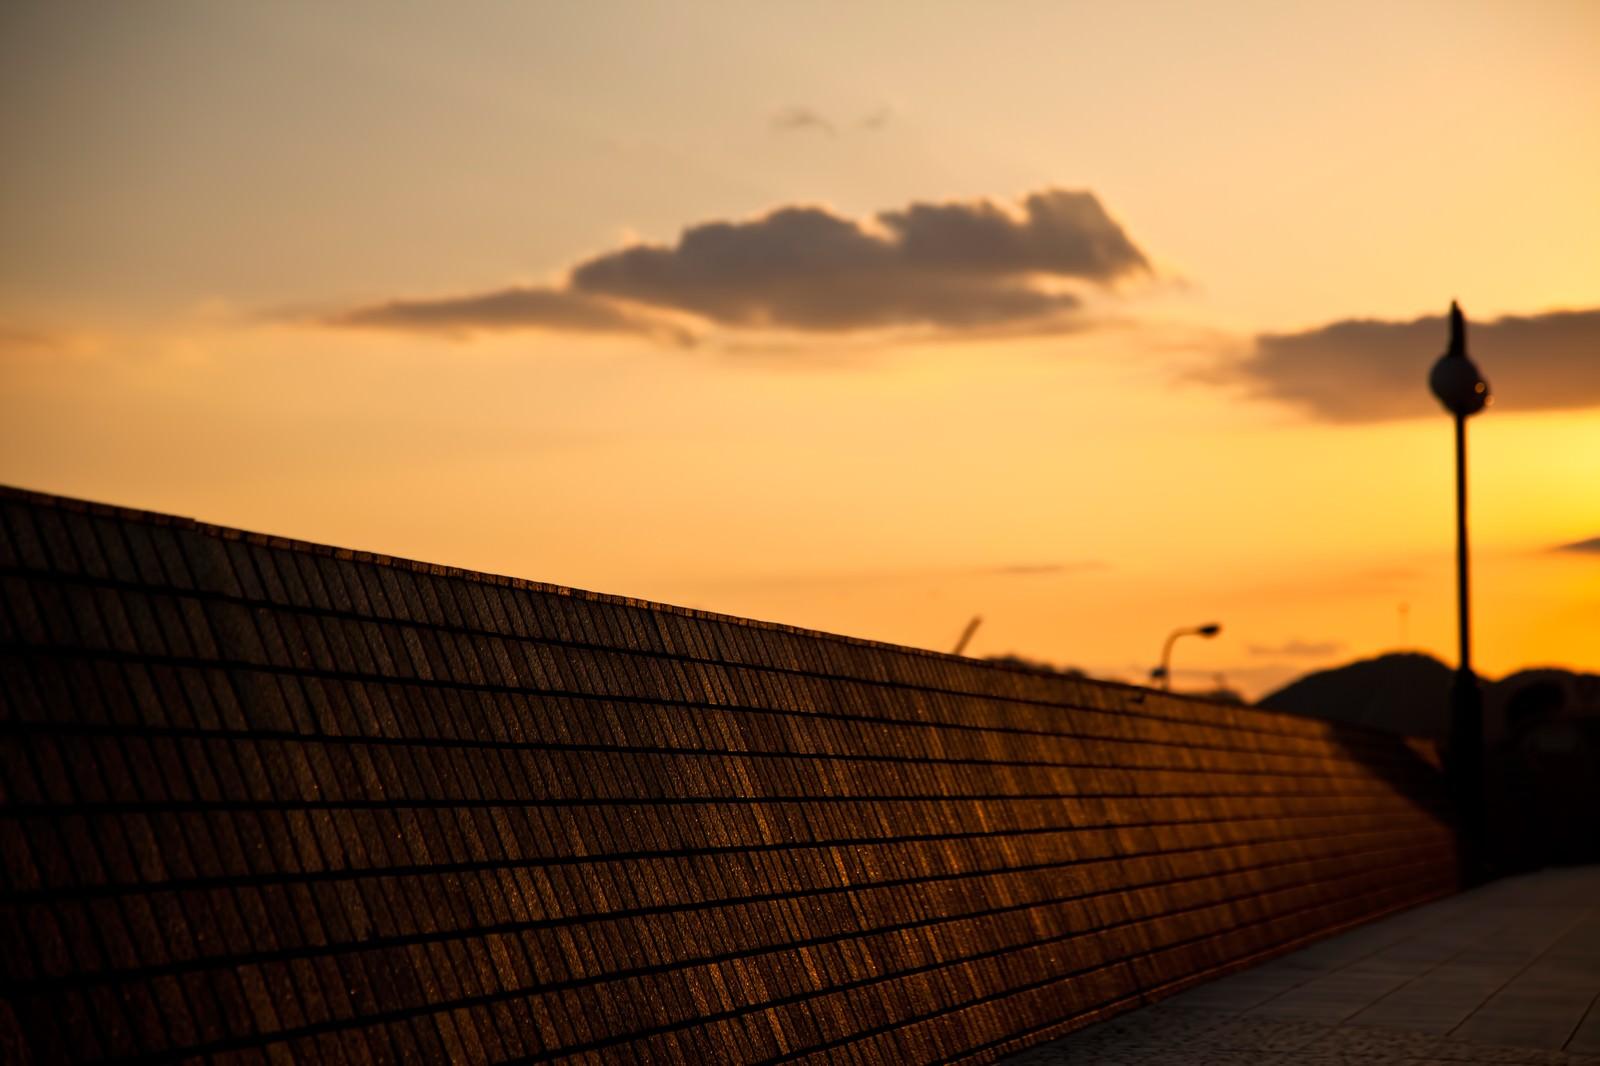 「夕暮れの防波堤夕暮れの防波堤」のフリー写真素材を拡大